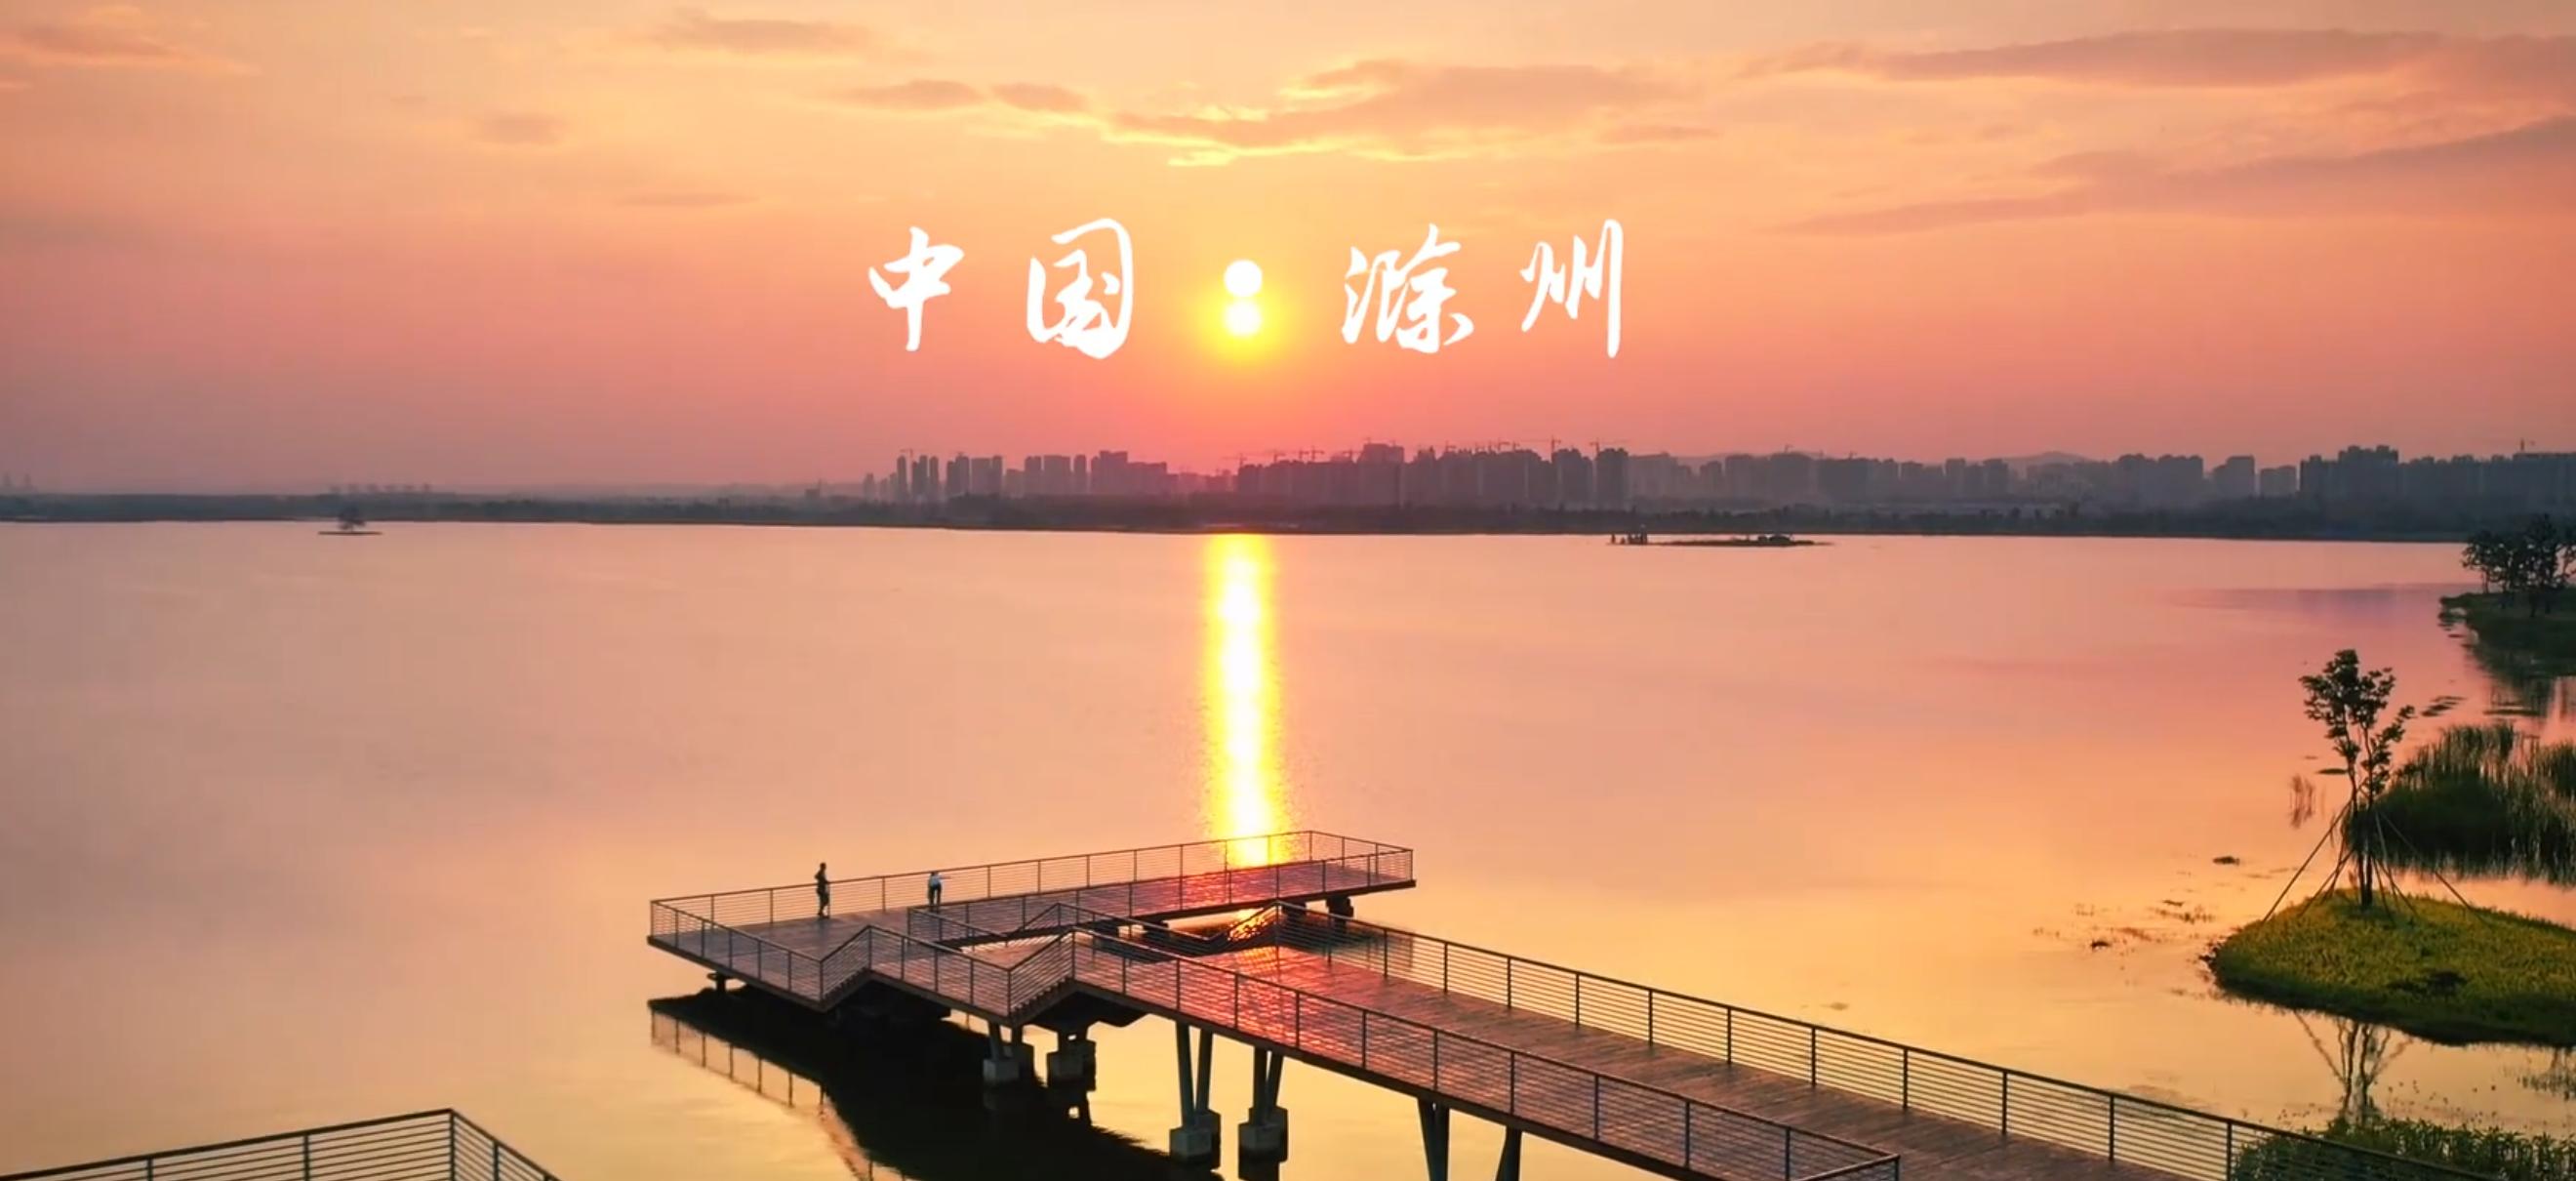 4.航拍滁州